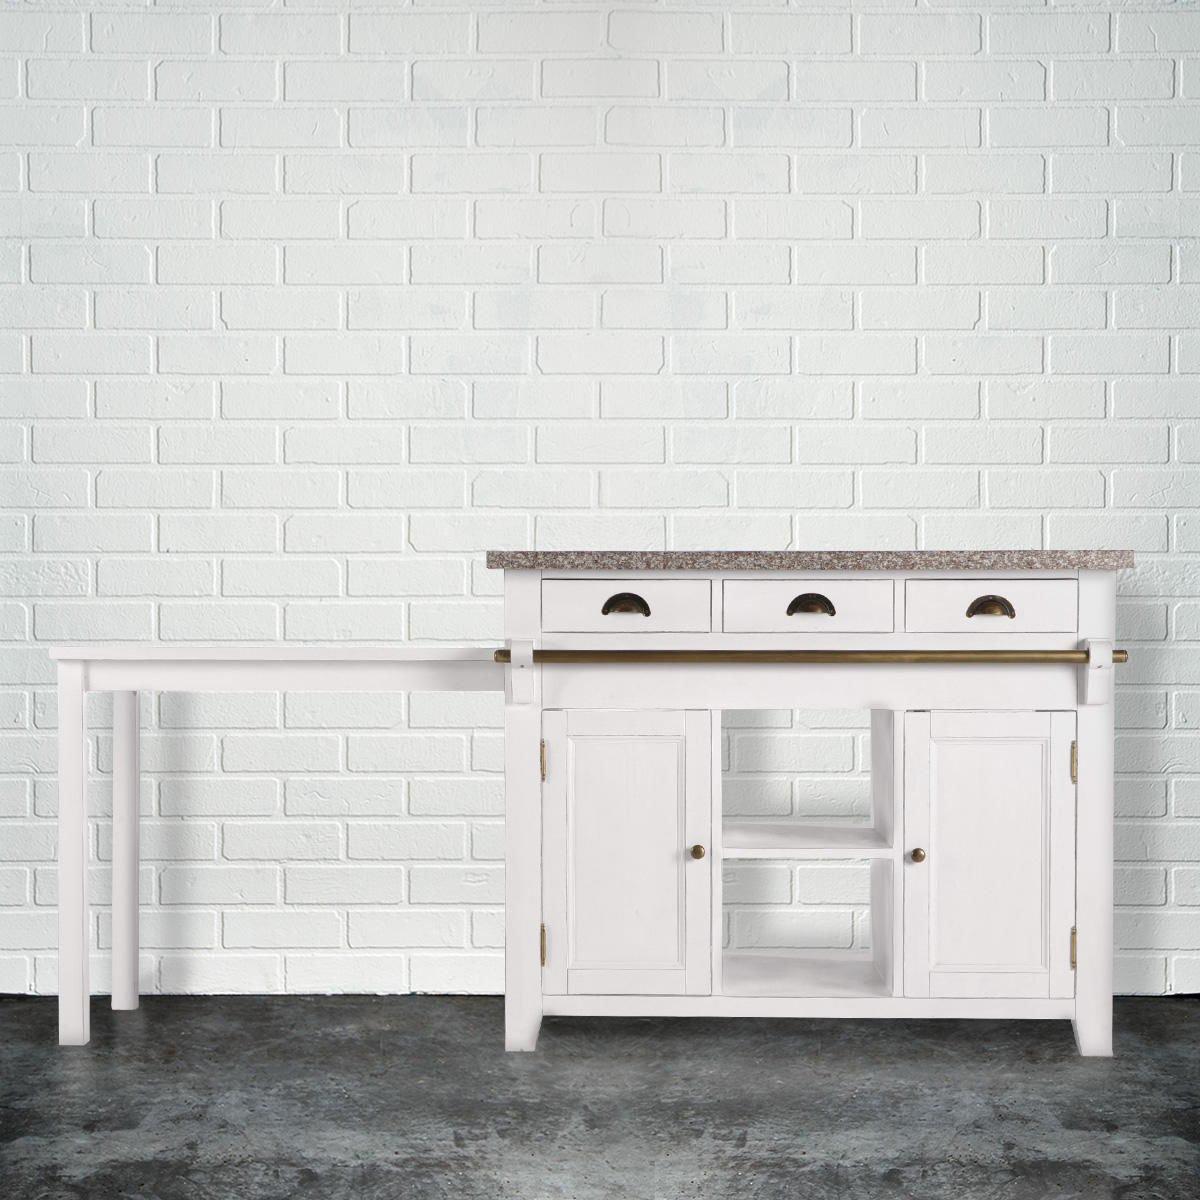 BUTLERS MAPLE HILL Küchenblock mit Granitarbeitsplatte - Kücheblock ...